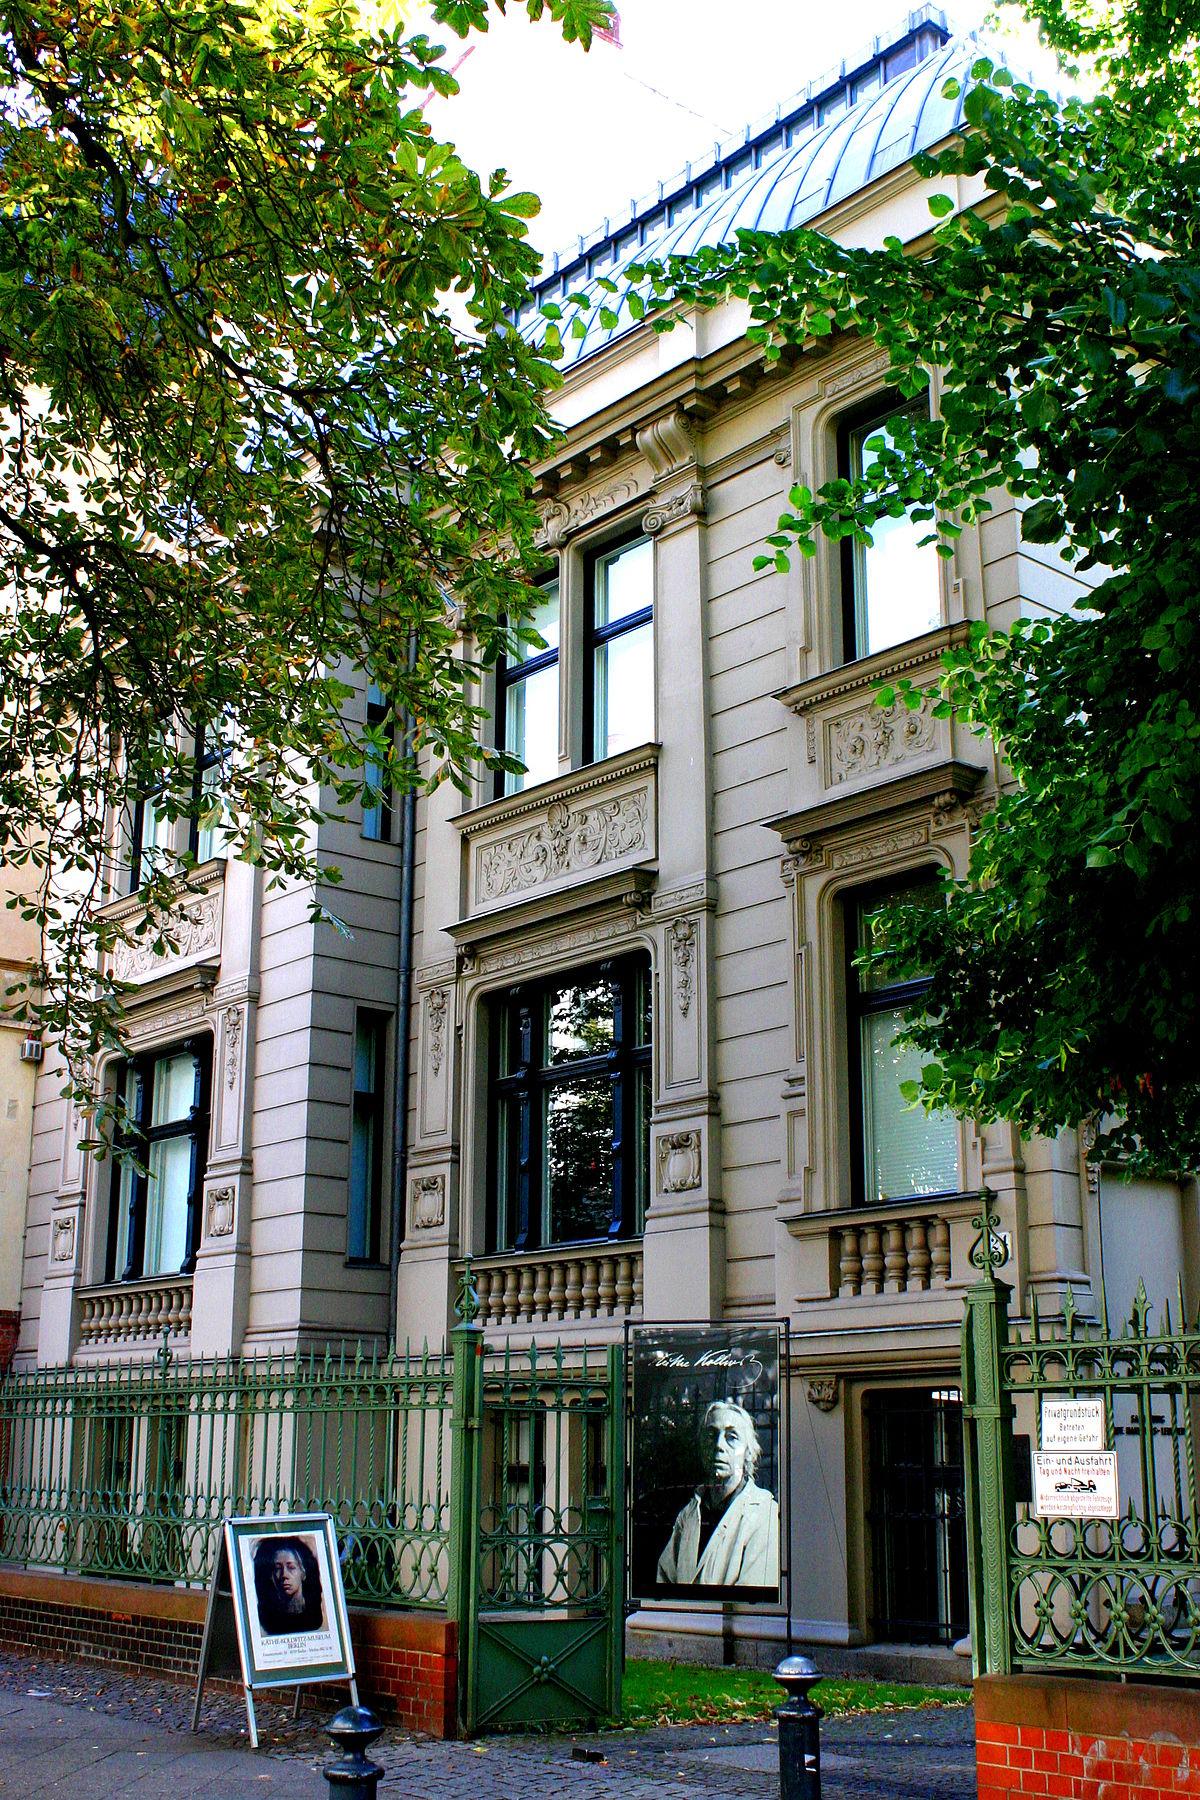 K 228 The Kollwitz Museum Berlin Wikipedia